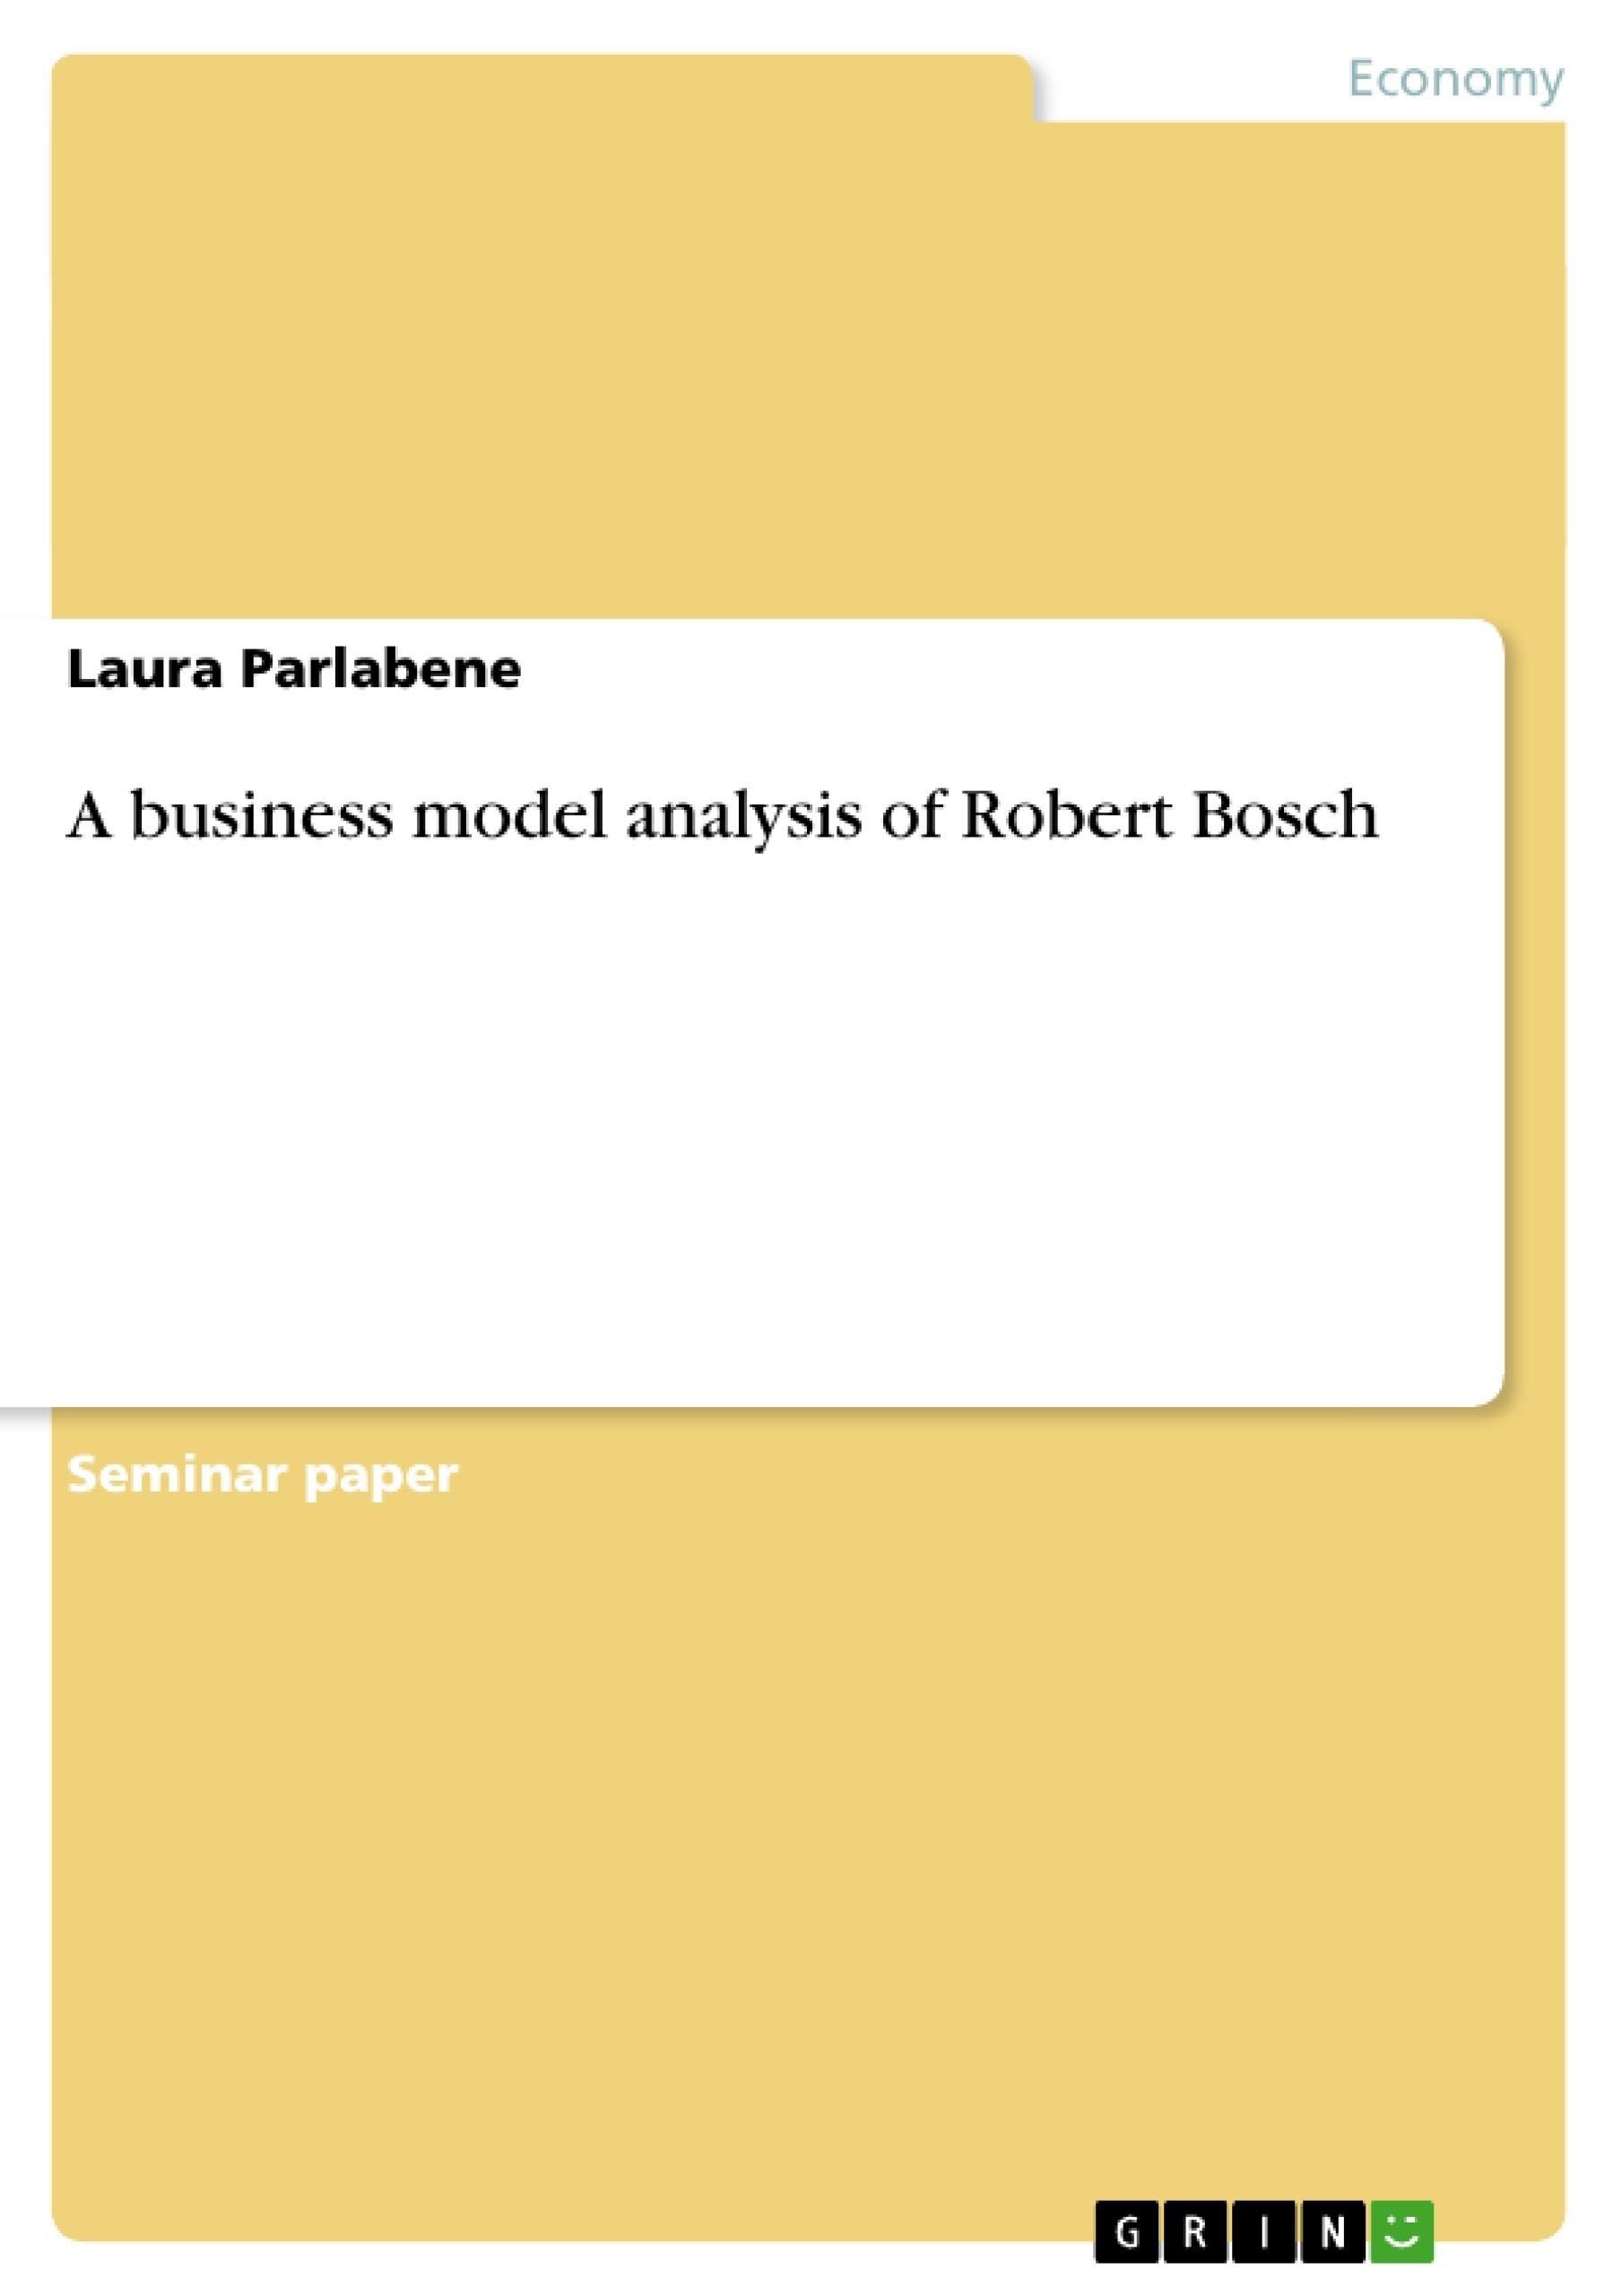 Title: A business model analysis of Robert Bosch